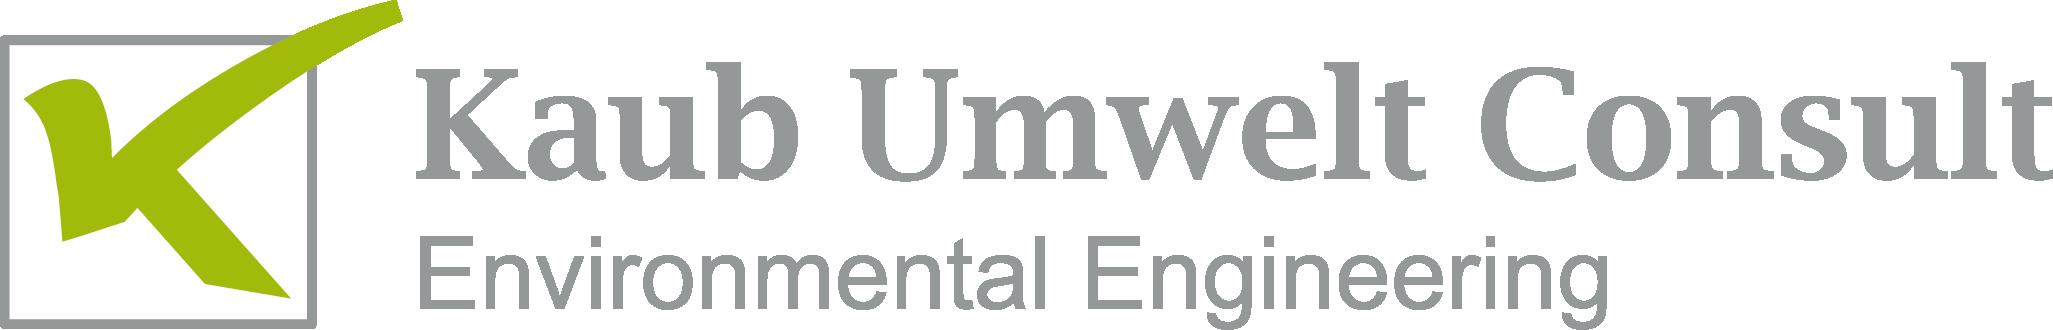 Kaub-Umwelt-Consult.de Logo